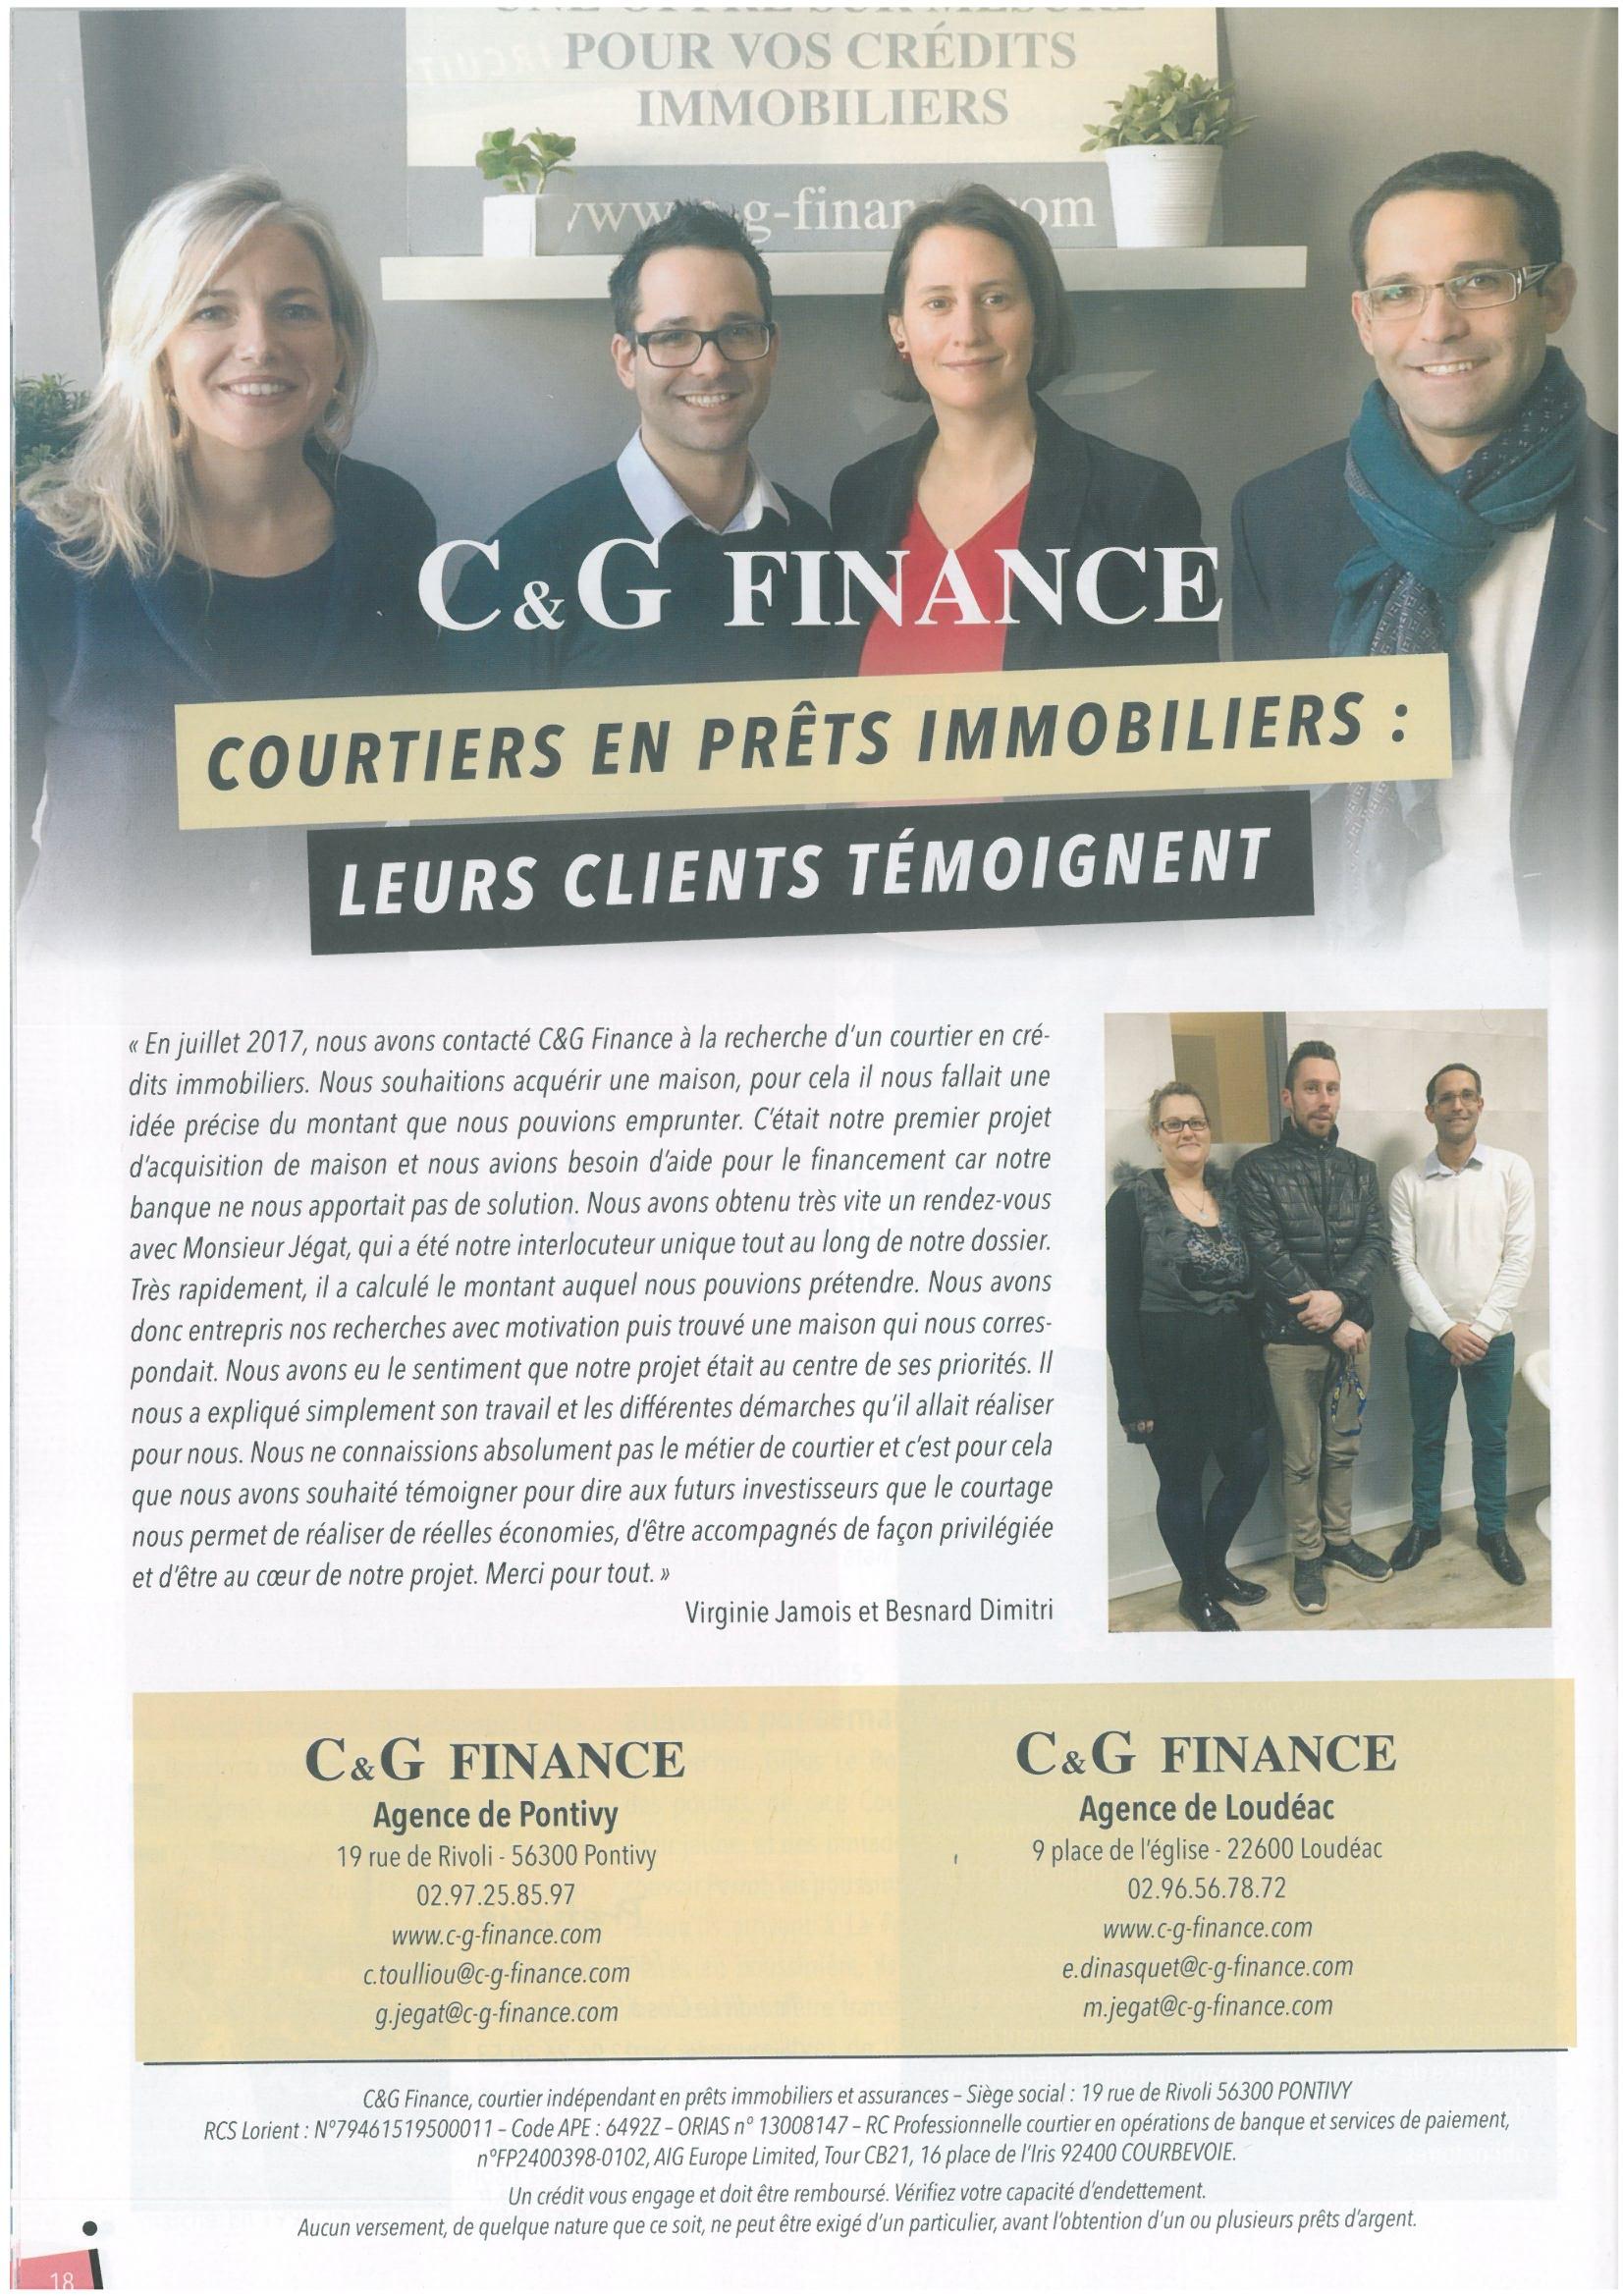 C&G FINANCE: Leurs clients témoignent.